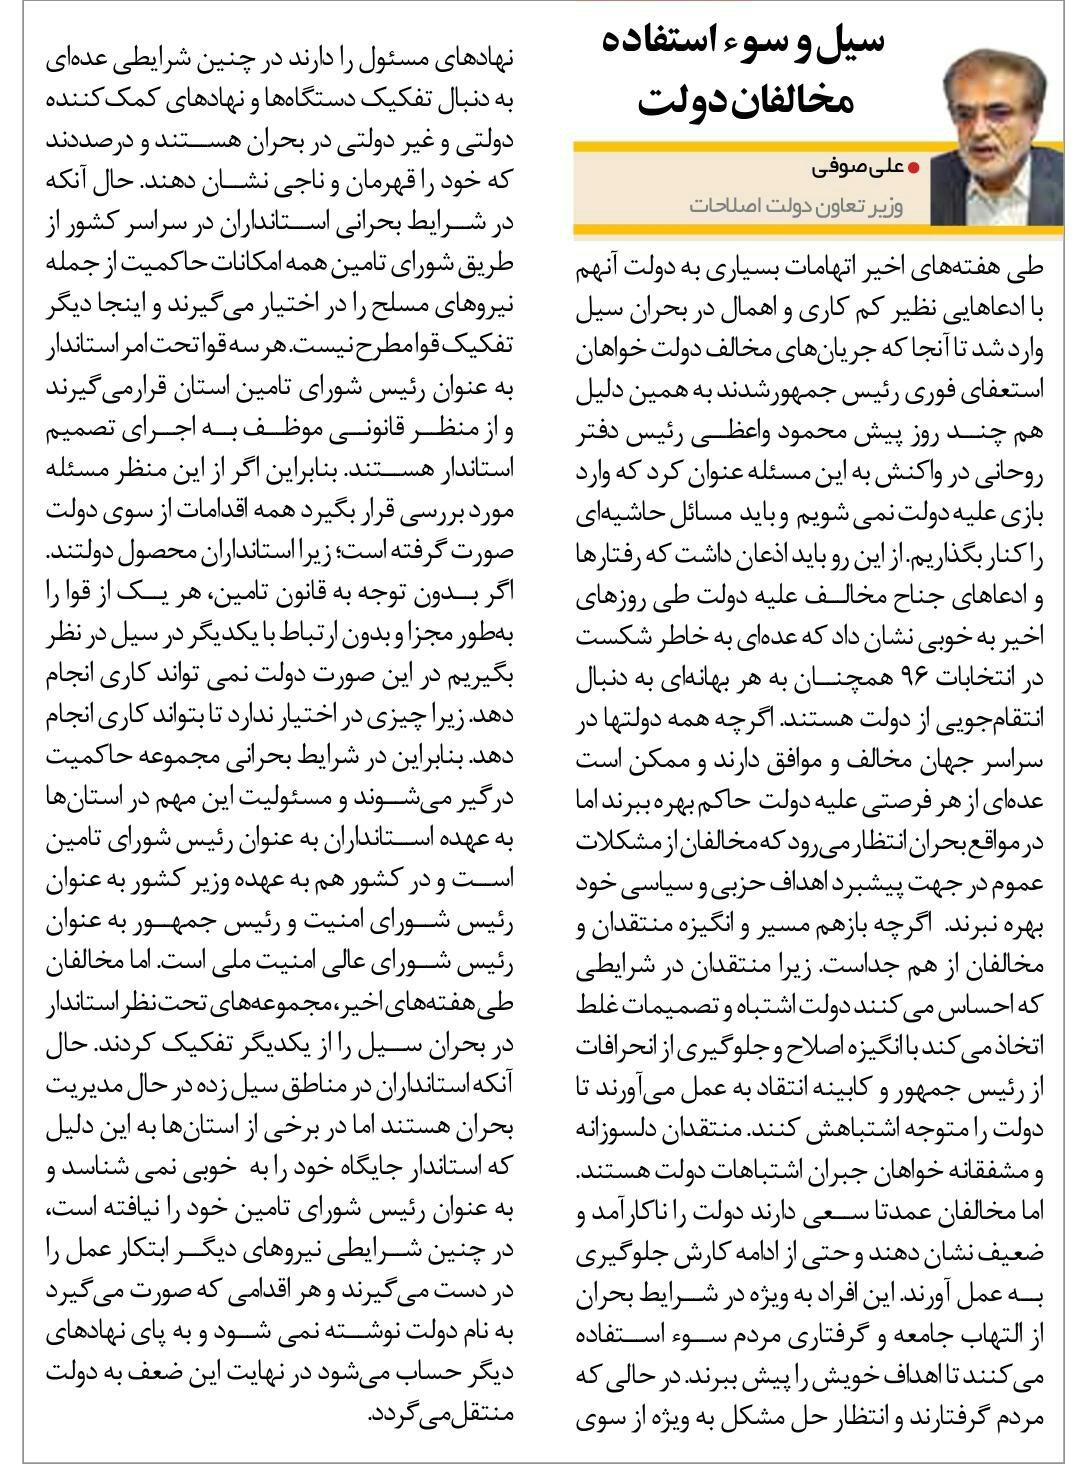 بين الصفحات الإيرانية: ظريف في جولته الإقليمية... استمرار الدور الإيراني حيث تنزعج واشنطن 3